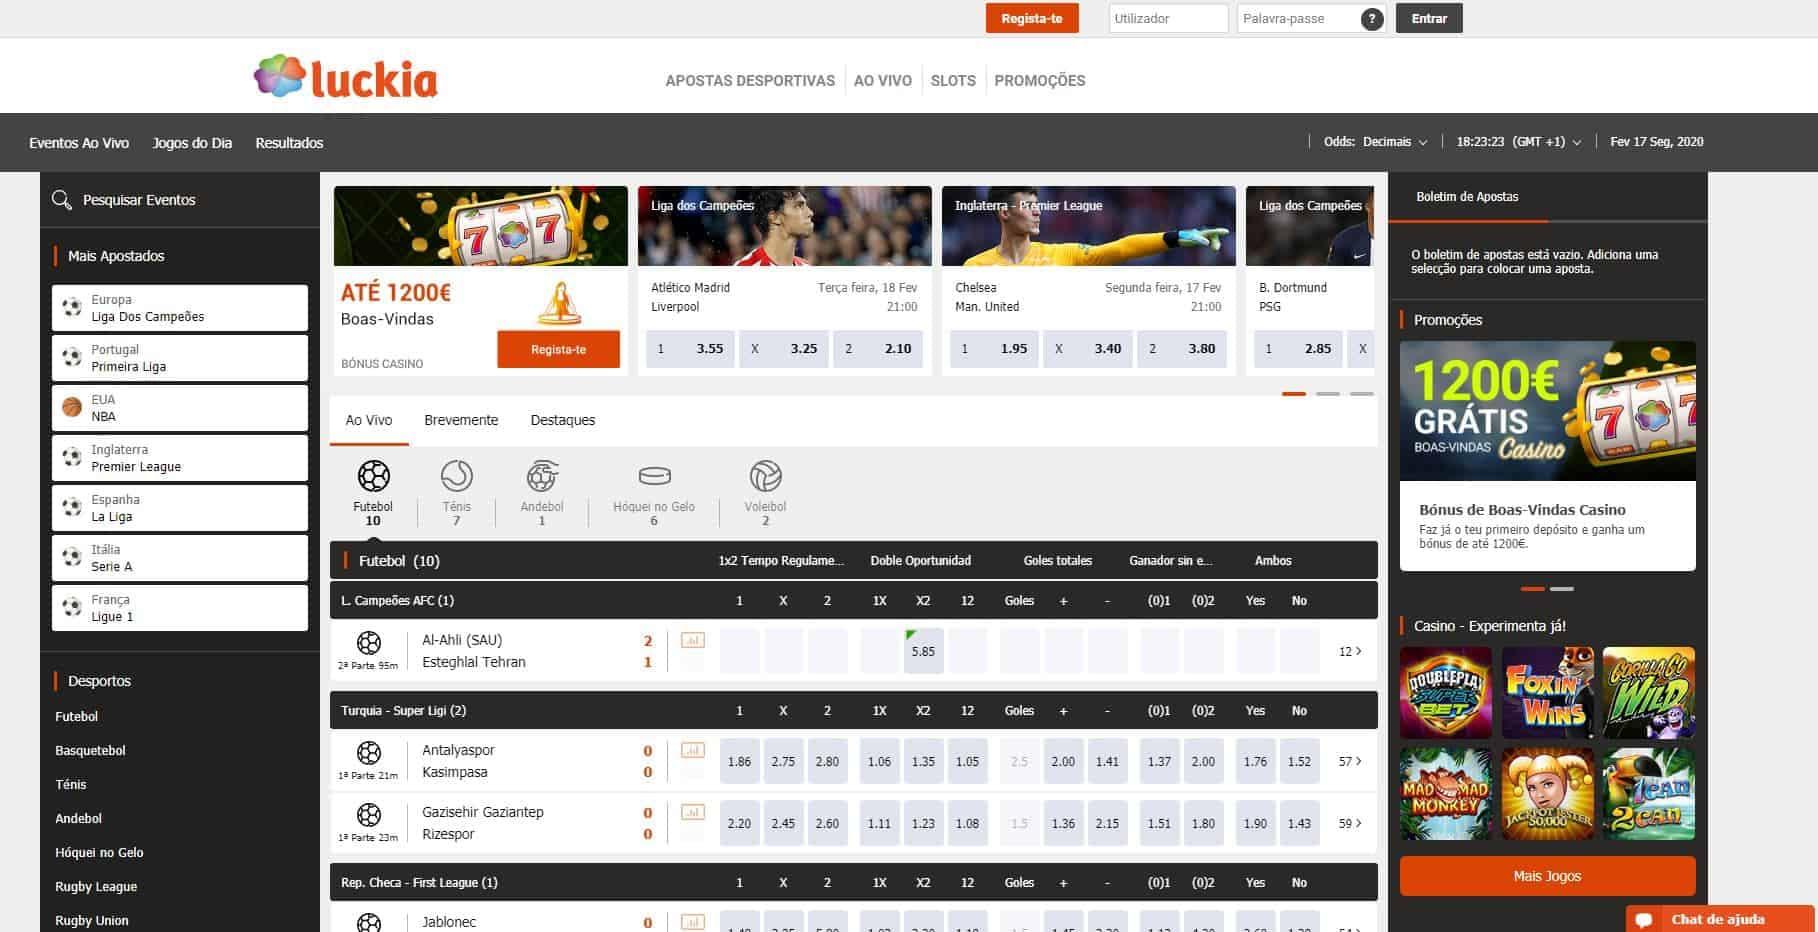 Gama de apostas desportivas disponíveis no Luckia